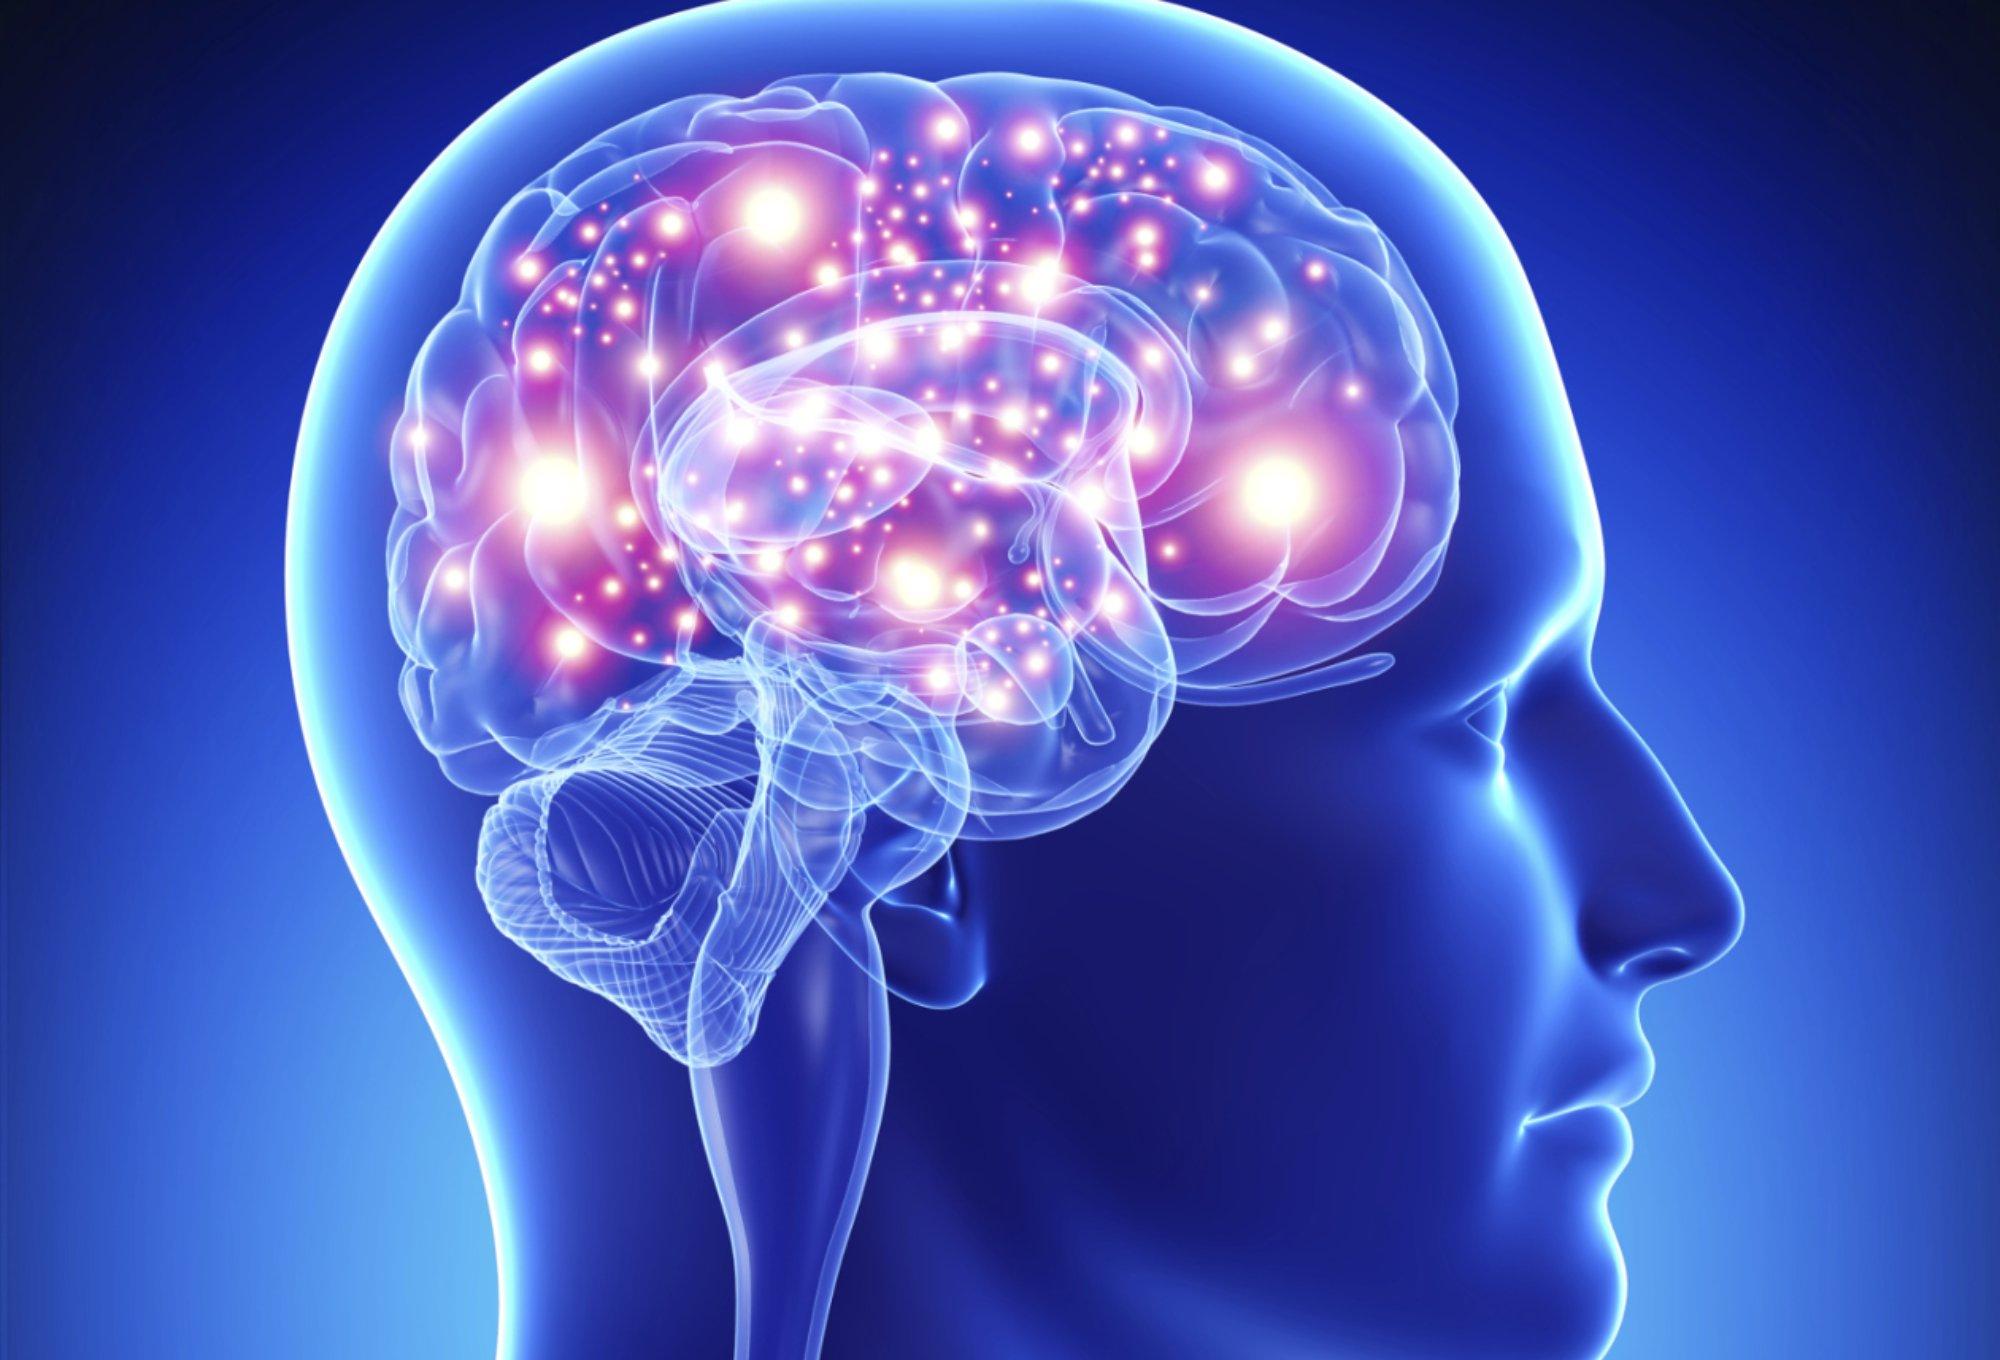 فواید خرما ف کمک به سلامت مغز